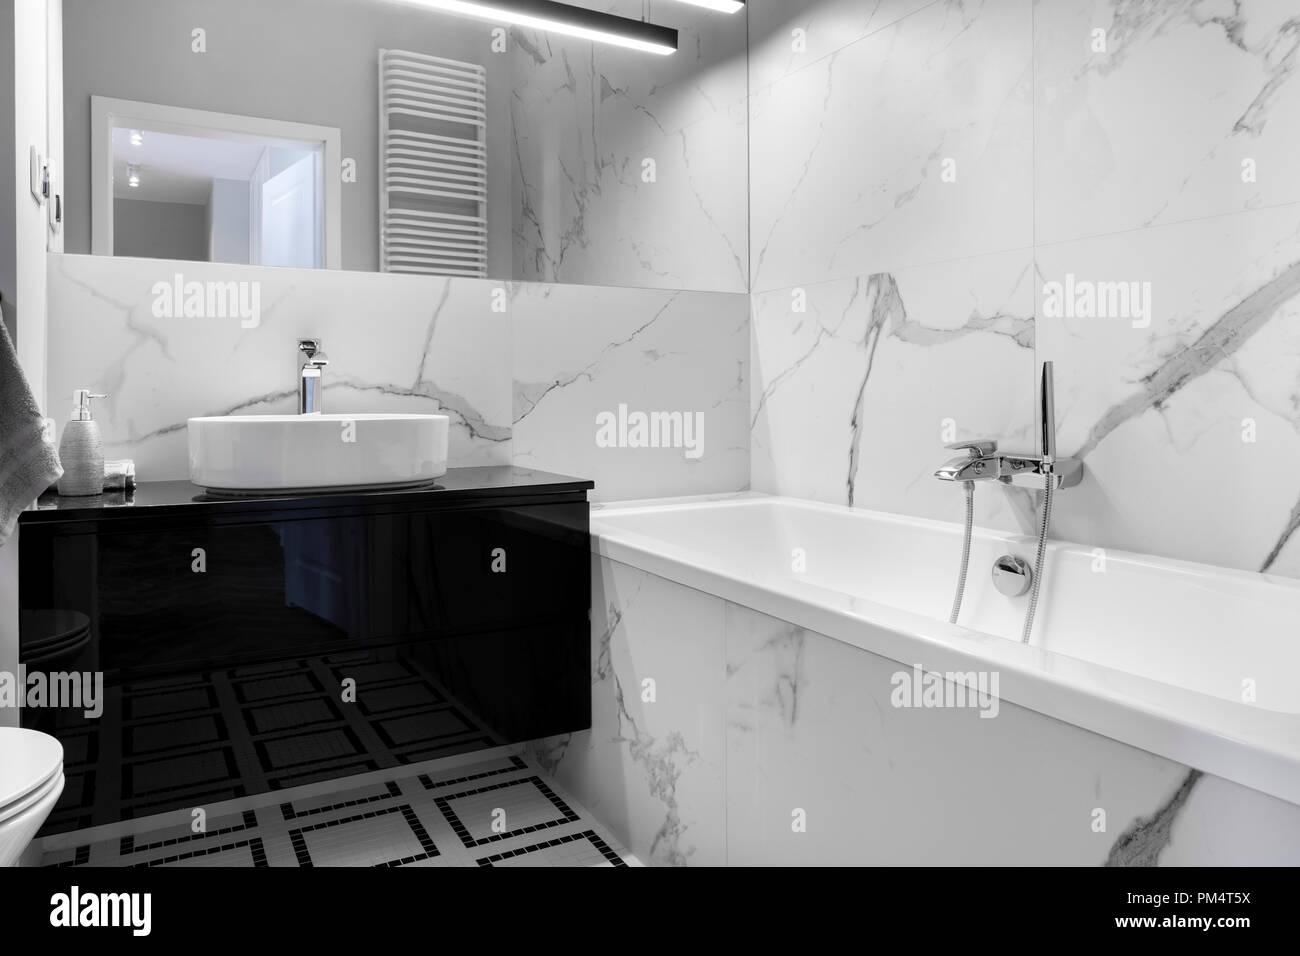 Modernes Badezimmer mit Marmor Finish in Schwarz und Weiß ...